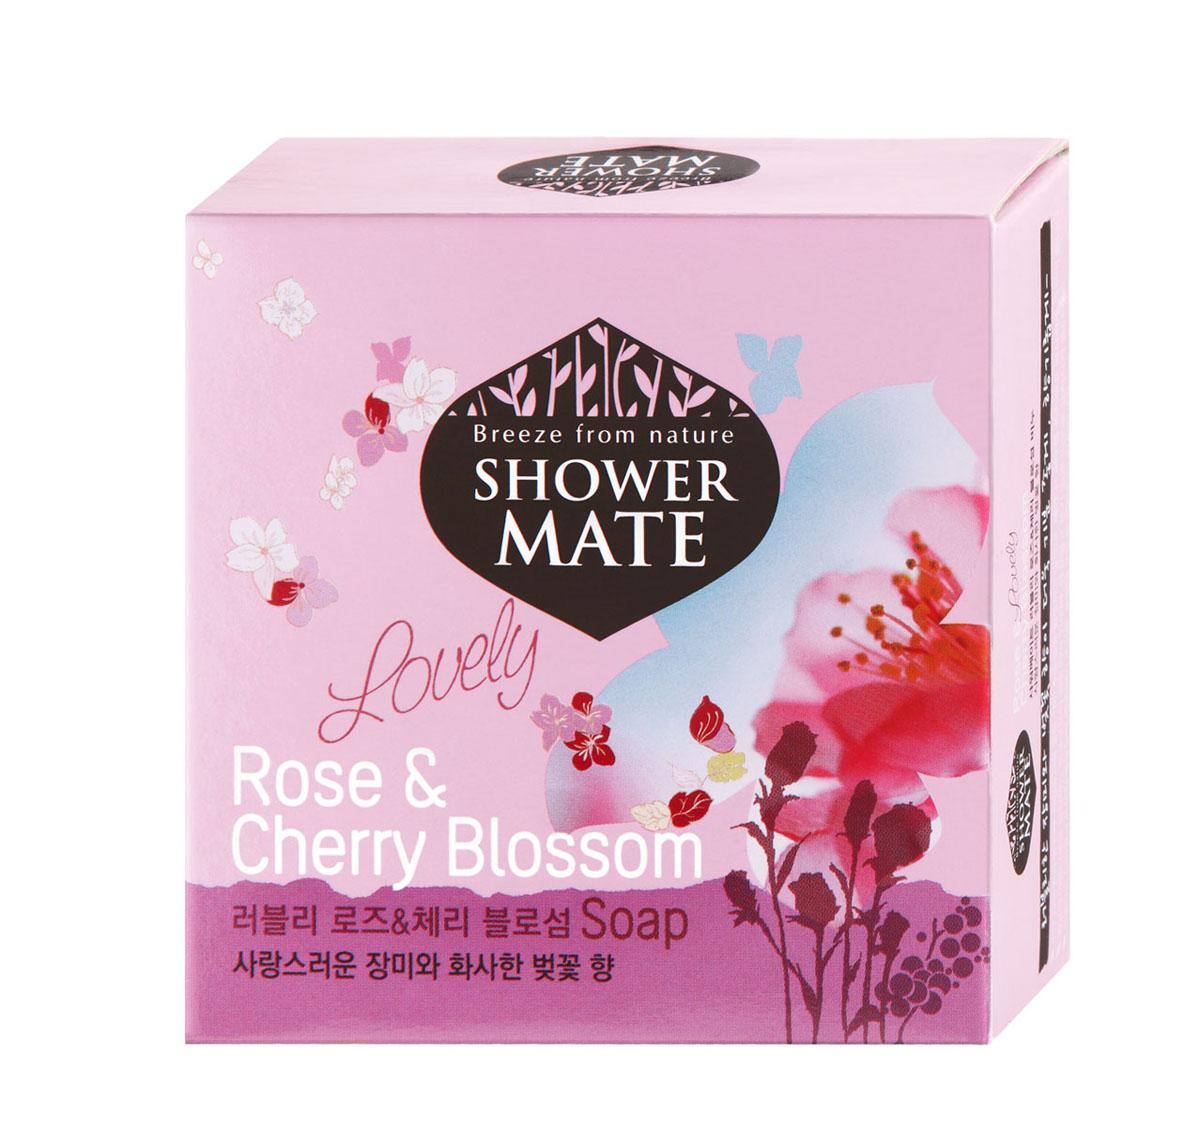 Shower Mate Мыло косметическое Роза и вишневый цвет, 100 г988077Экстракт розы увлажняет и успокаивает кожу. Экстракт вишни делает кожу гладкой и эластичной. Роскошный аромат розы и едва уловимый аромат цветов вишни создают романтичное настроение и ощущение полного блаженства. Характеристики: Вес: 100 г. Артикул: 988077. Производитель: Корея. Товар сертифицирован.